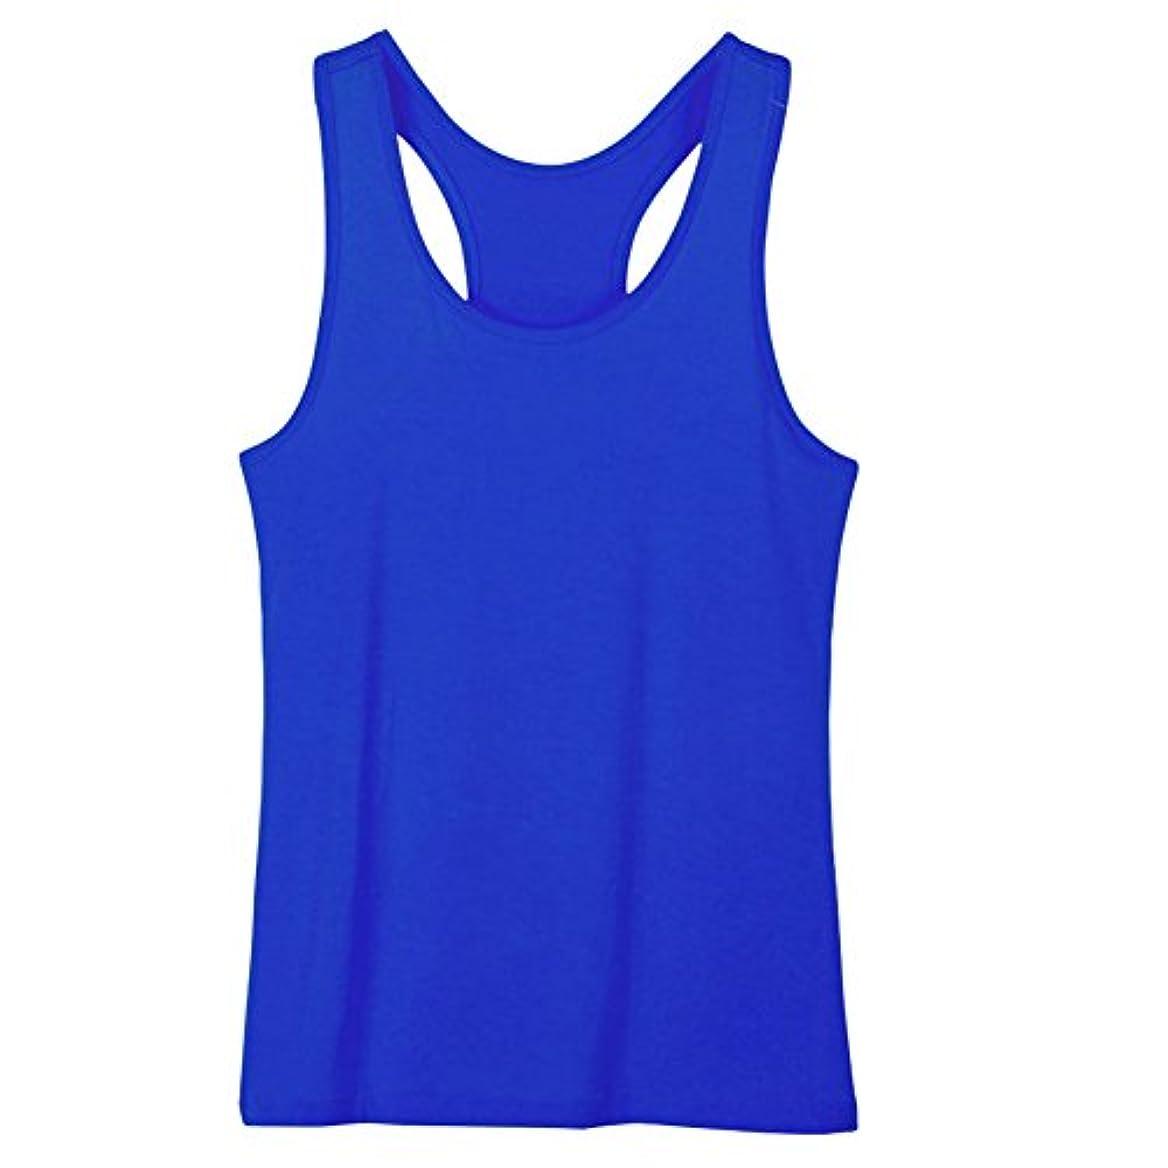 コンテスト見る人アブストラクトMyMei タンクトップ インナーシャツ インナーウェア ルームウェア フリーサイズ レディース カジュアル スポーツウェア